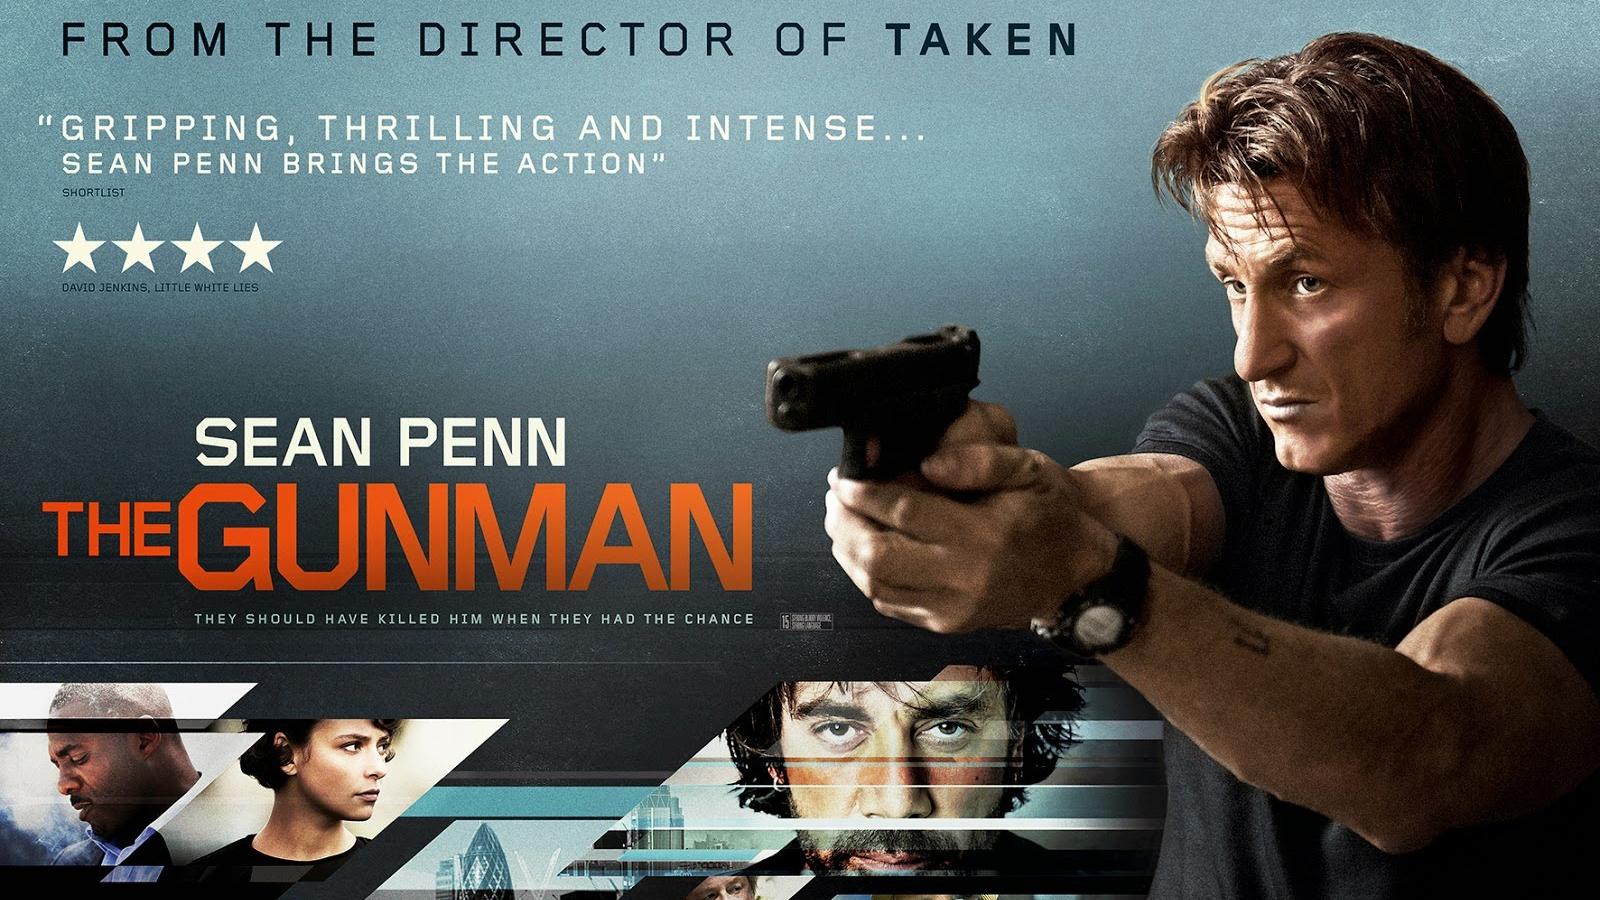 老猫之《使命召唤》(The Gunman)武器暨战术解析(上)